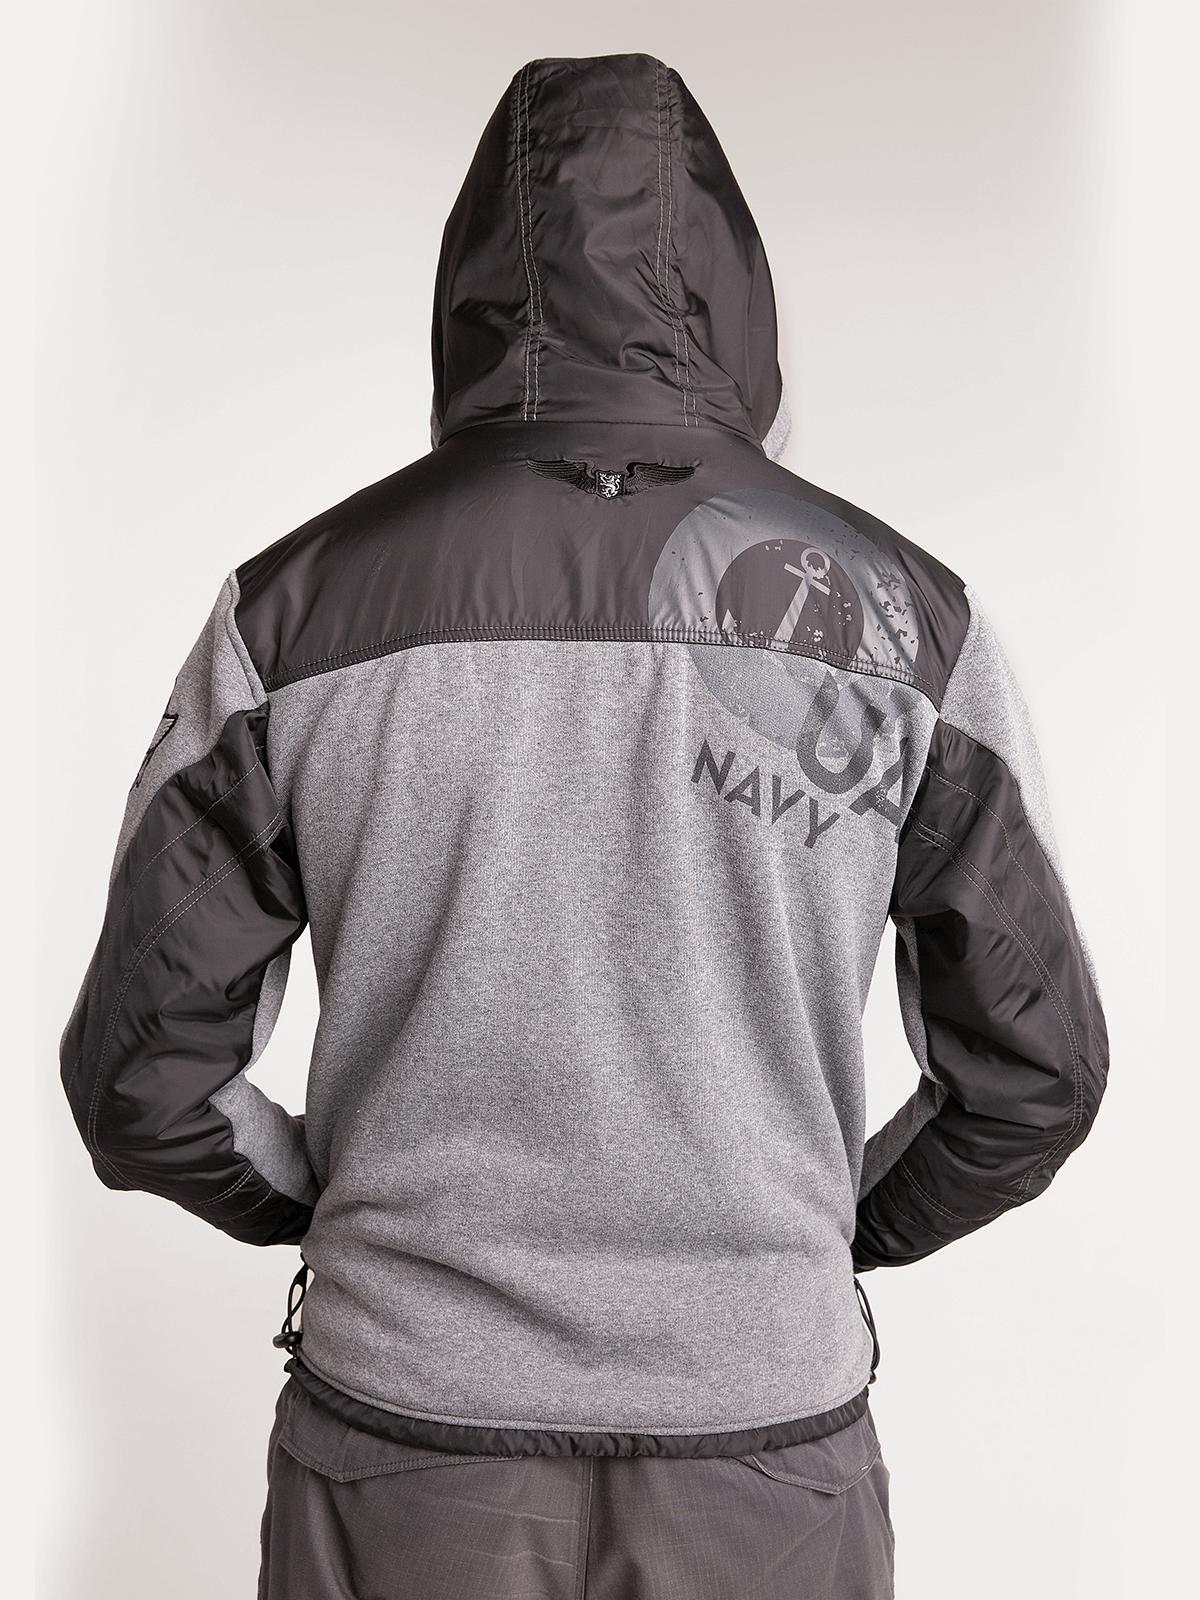 Чоловіче Худі 10 Маб. Колір сірий.  Технологія нанесення зображень: шовкодрук, вишивка, шеврони.